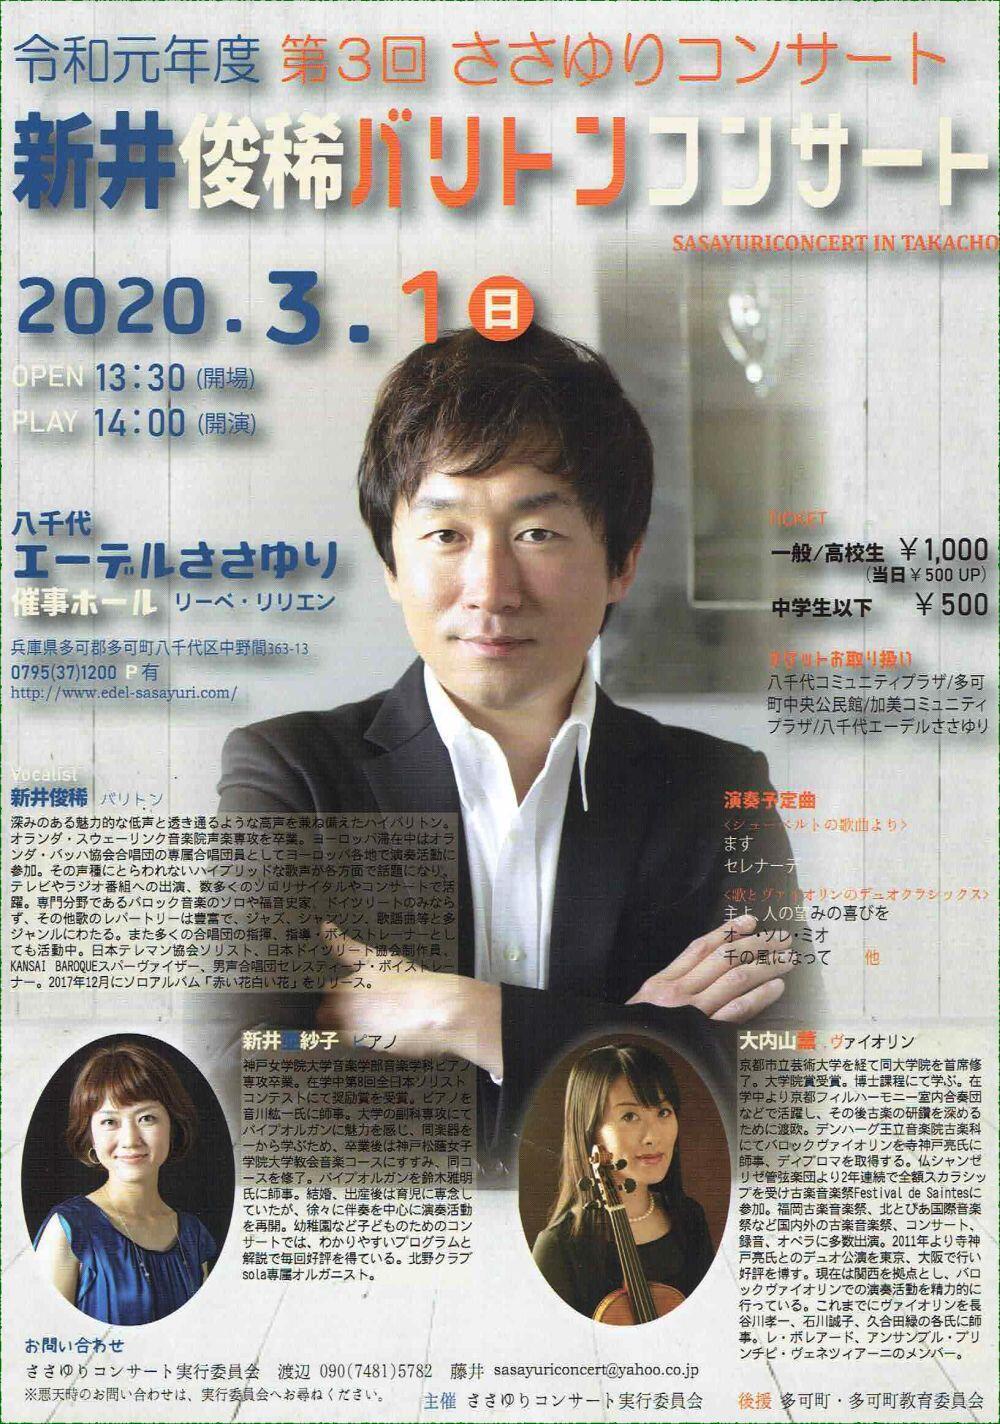 3/1 新井俊稀バリトンコンサート:エーデルささゆりリーベリリエン